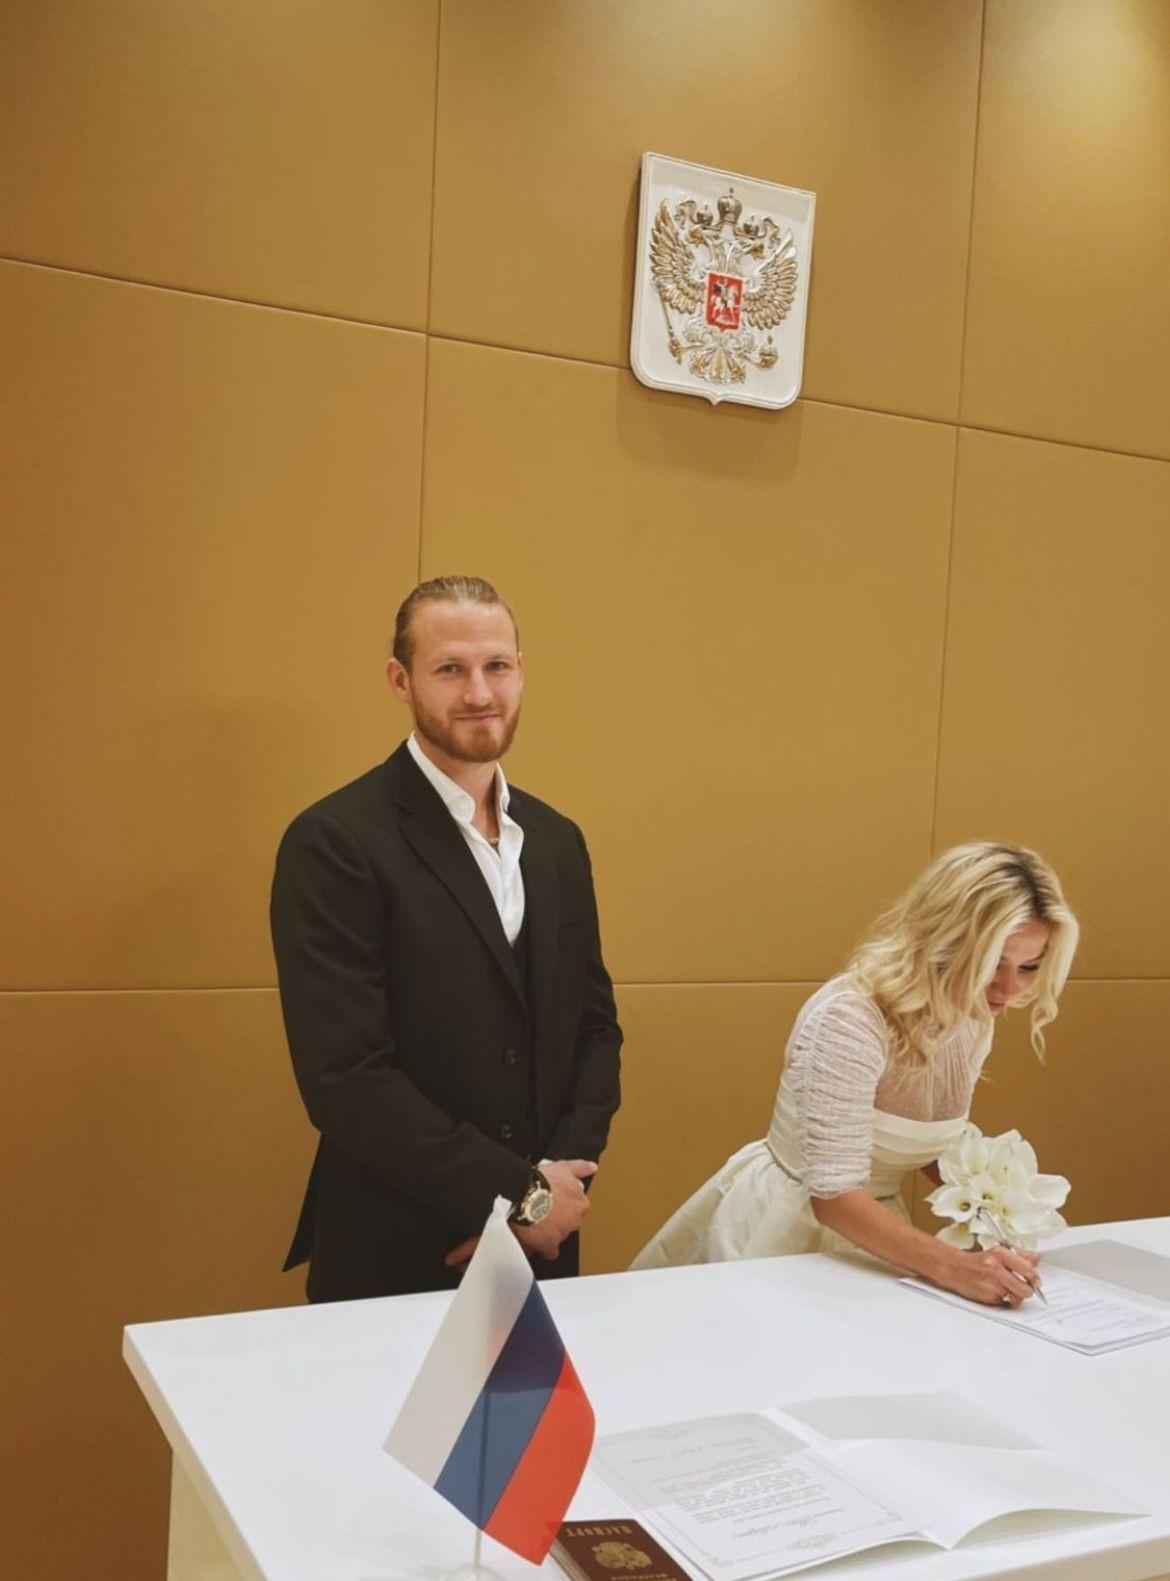 Бывший муж Пелагеи Иван Телегин женился на дочери миллионера - фото №1